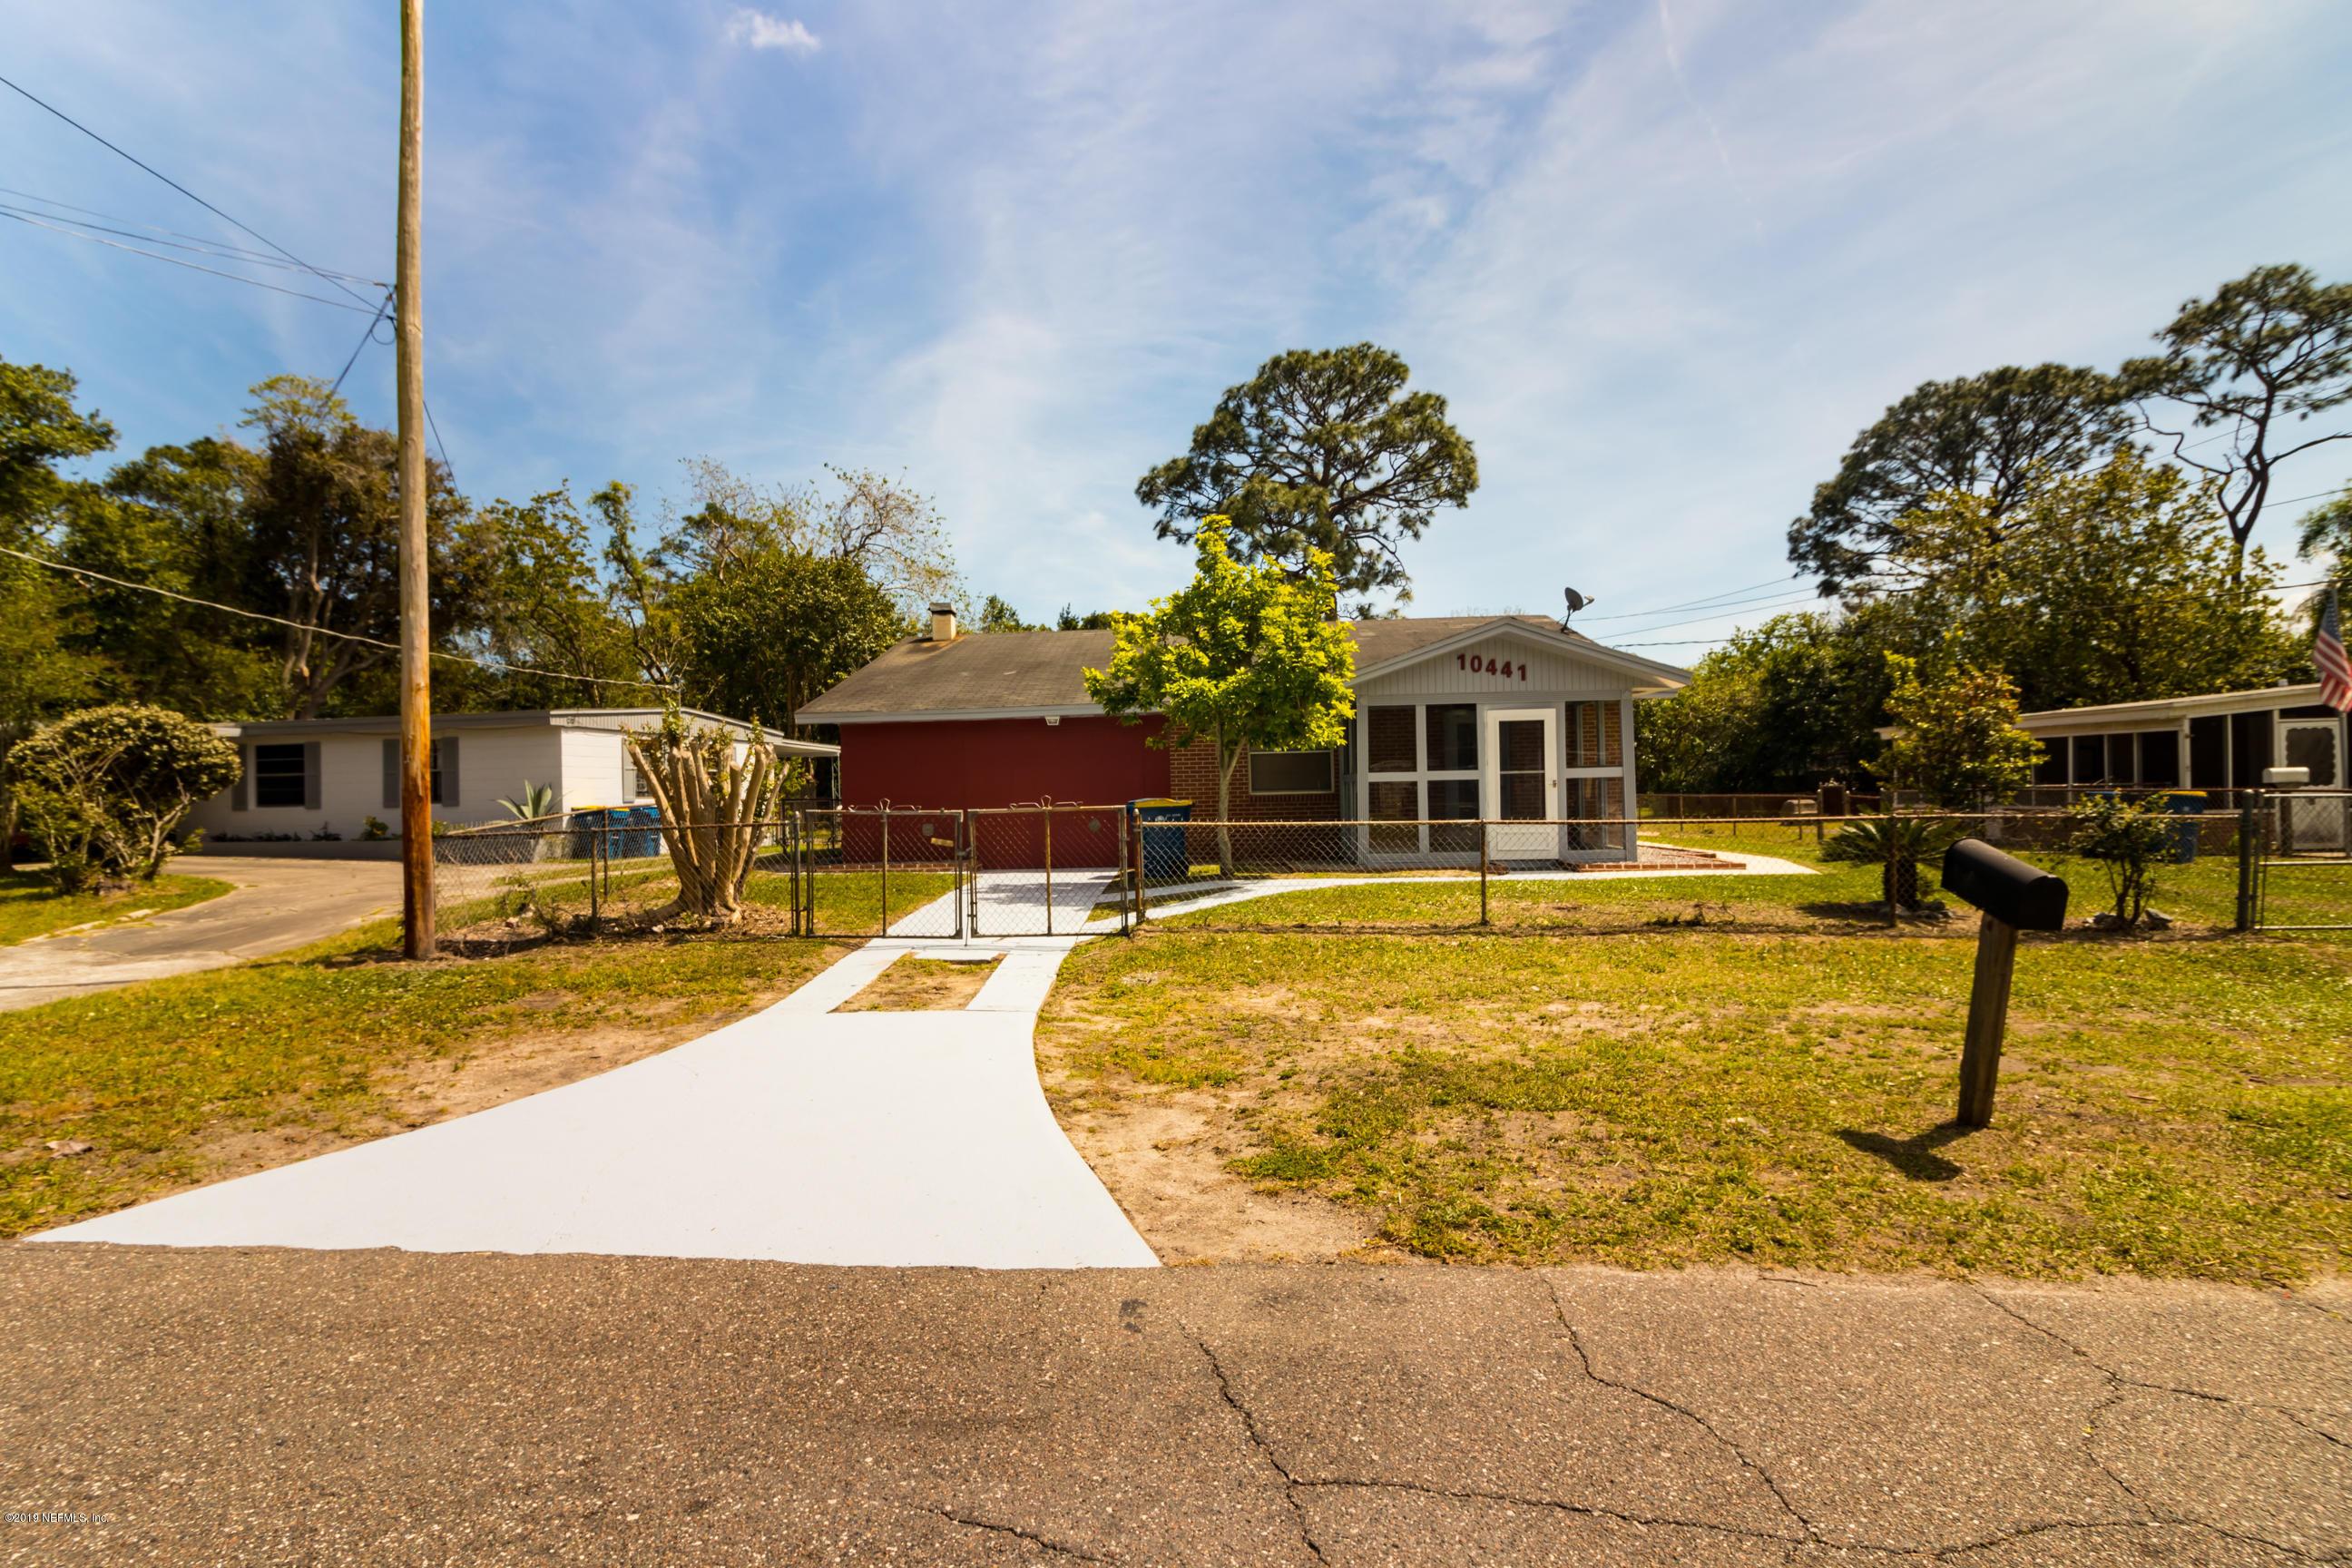 Photo of 10441 PINEHURST, JACKSONVILLE, FL 32218